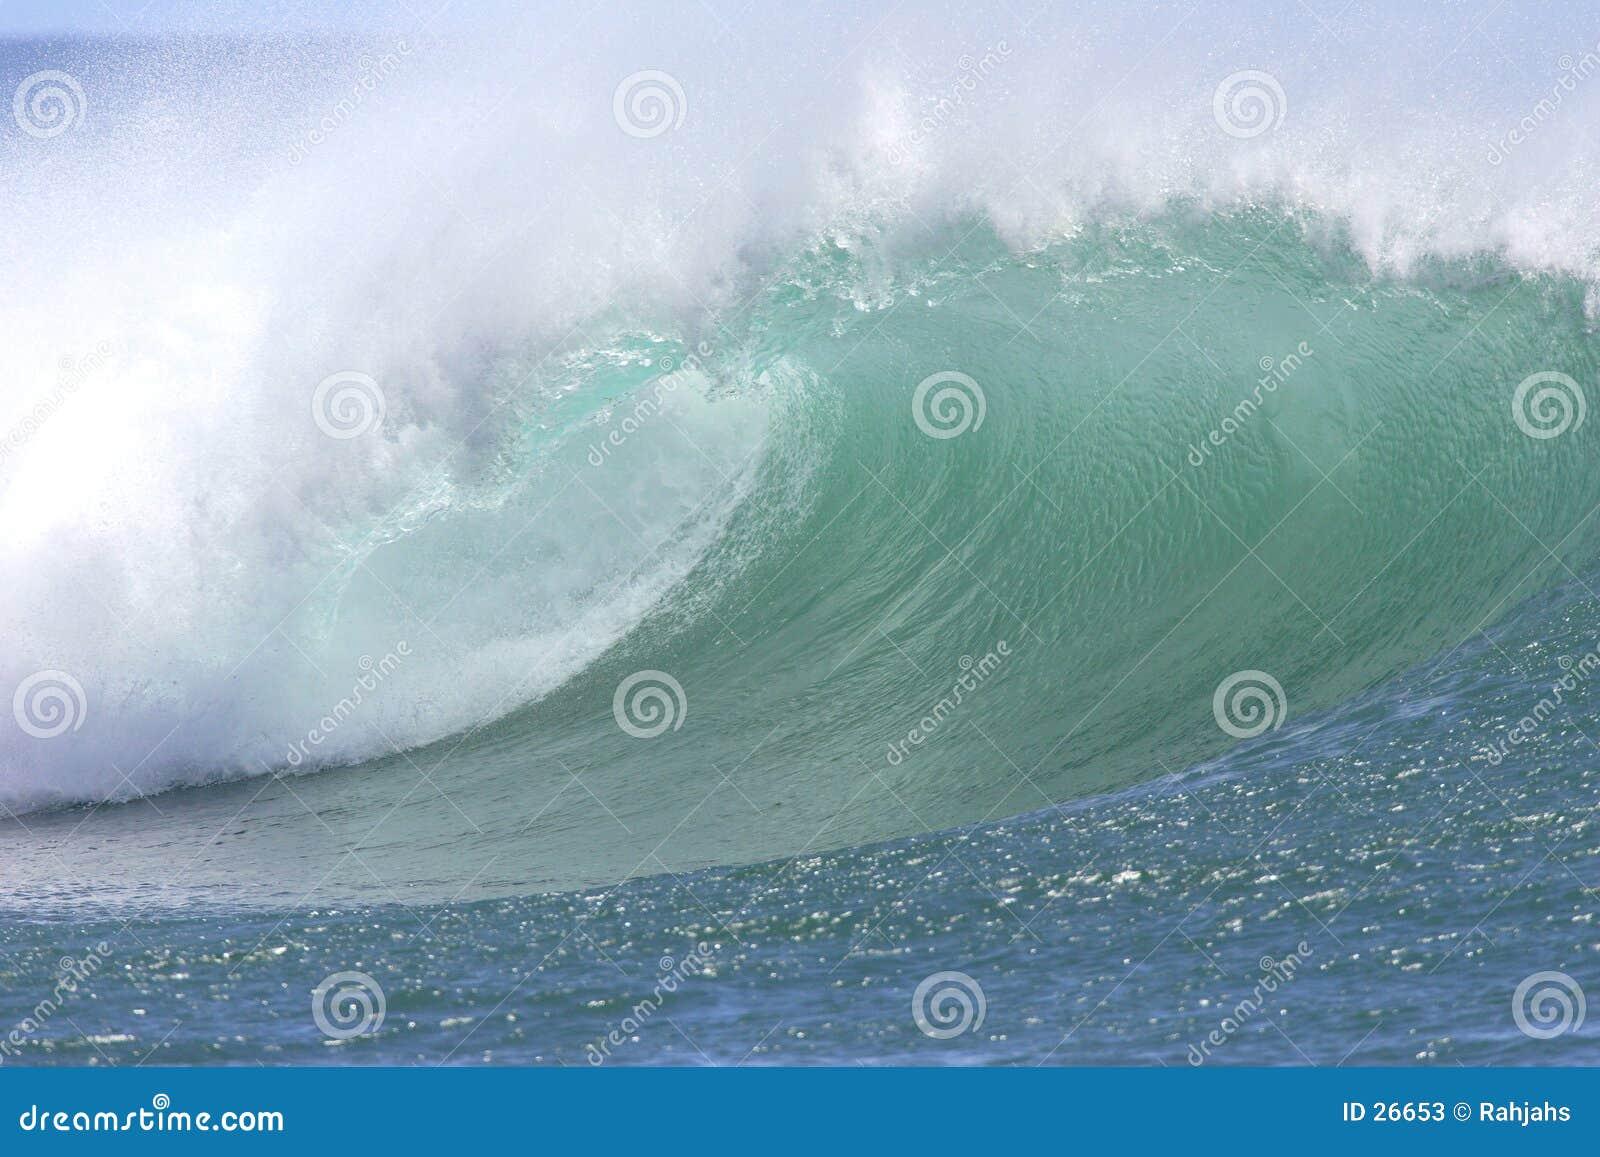 Hawaiian South Shore Wave